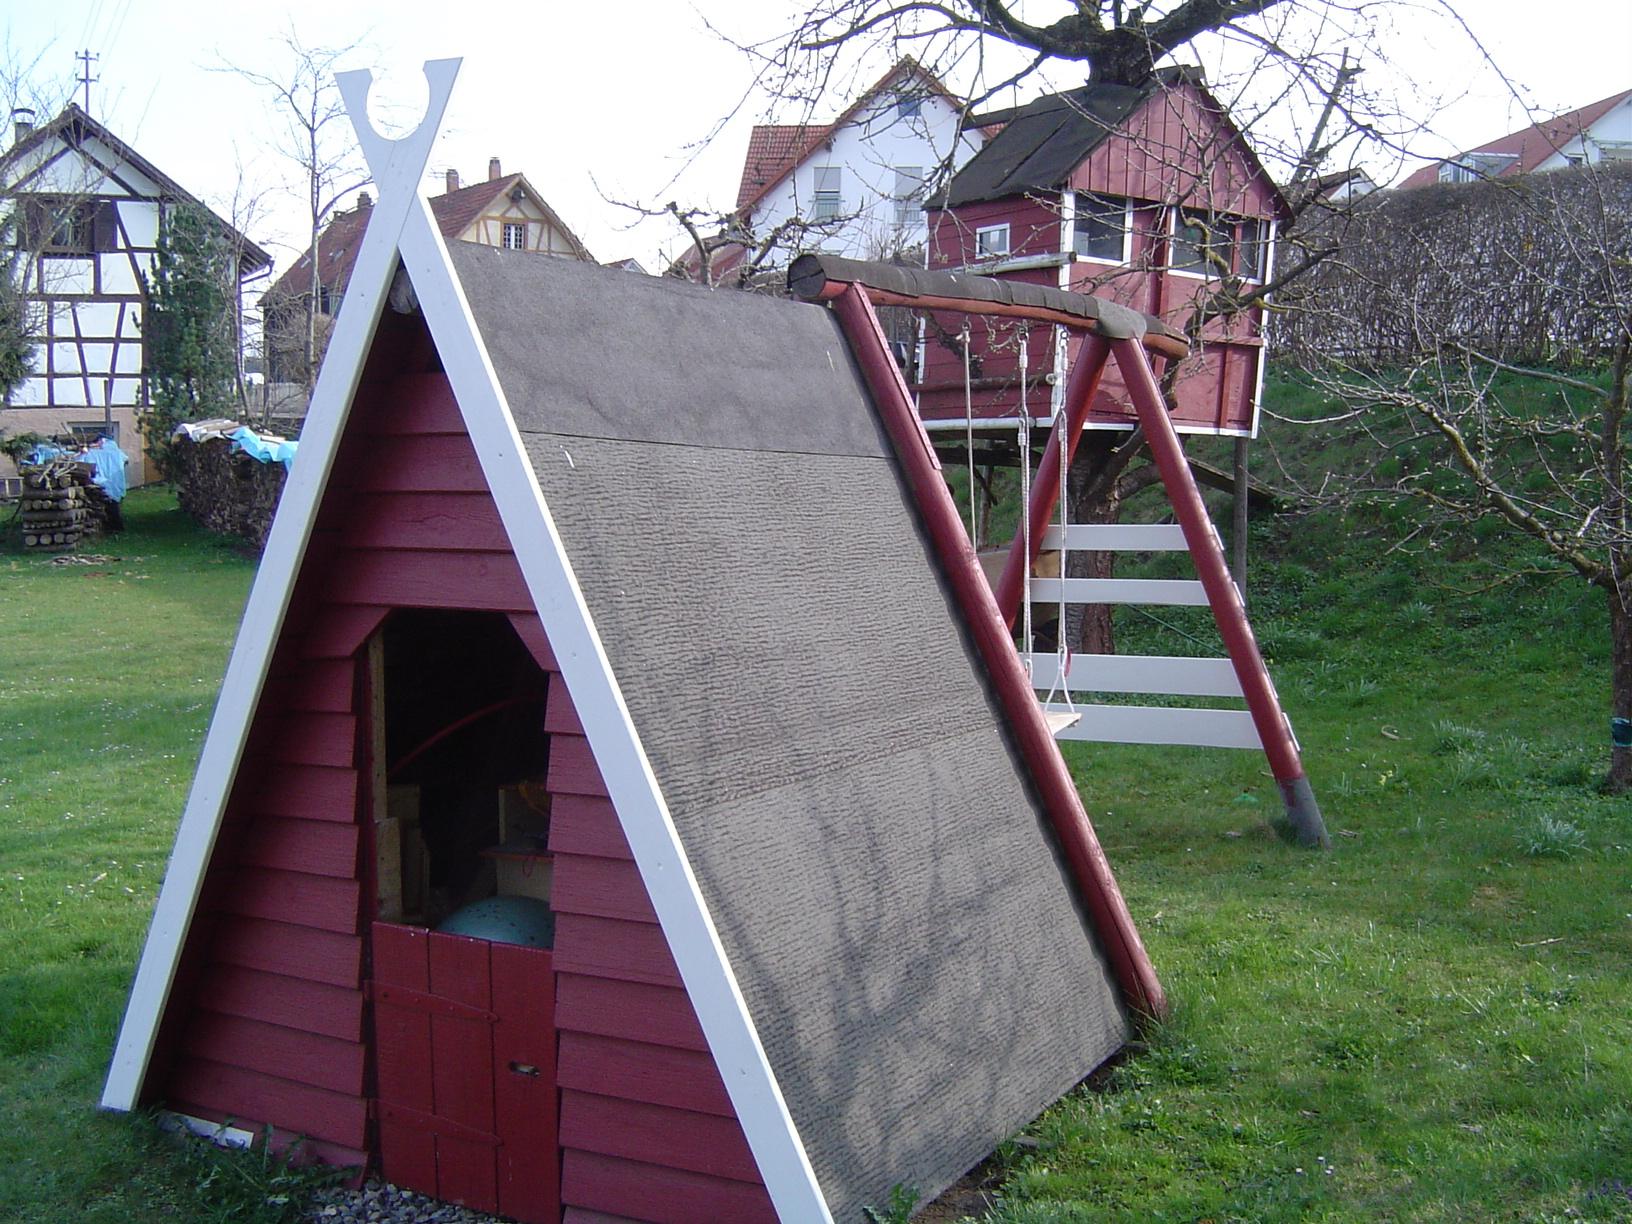 Spielhaus Jochen Selber Bauen Rolands Bauplaene Bauplane Kostenlos